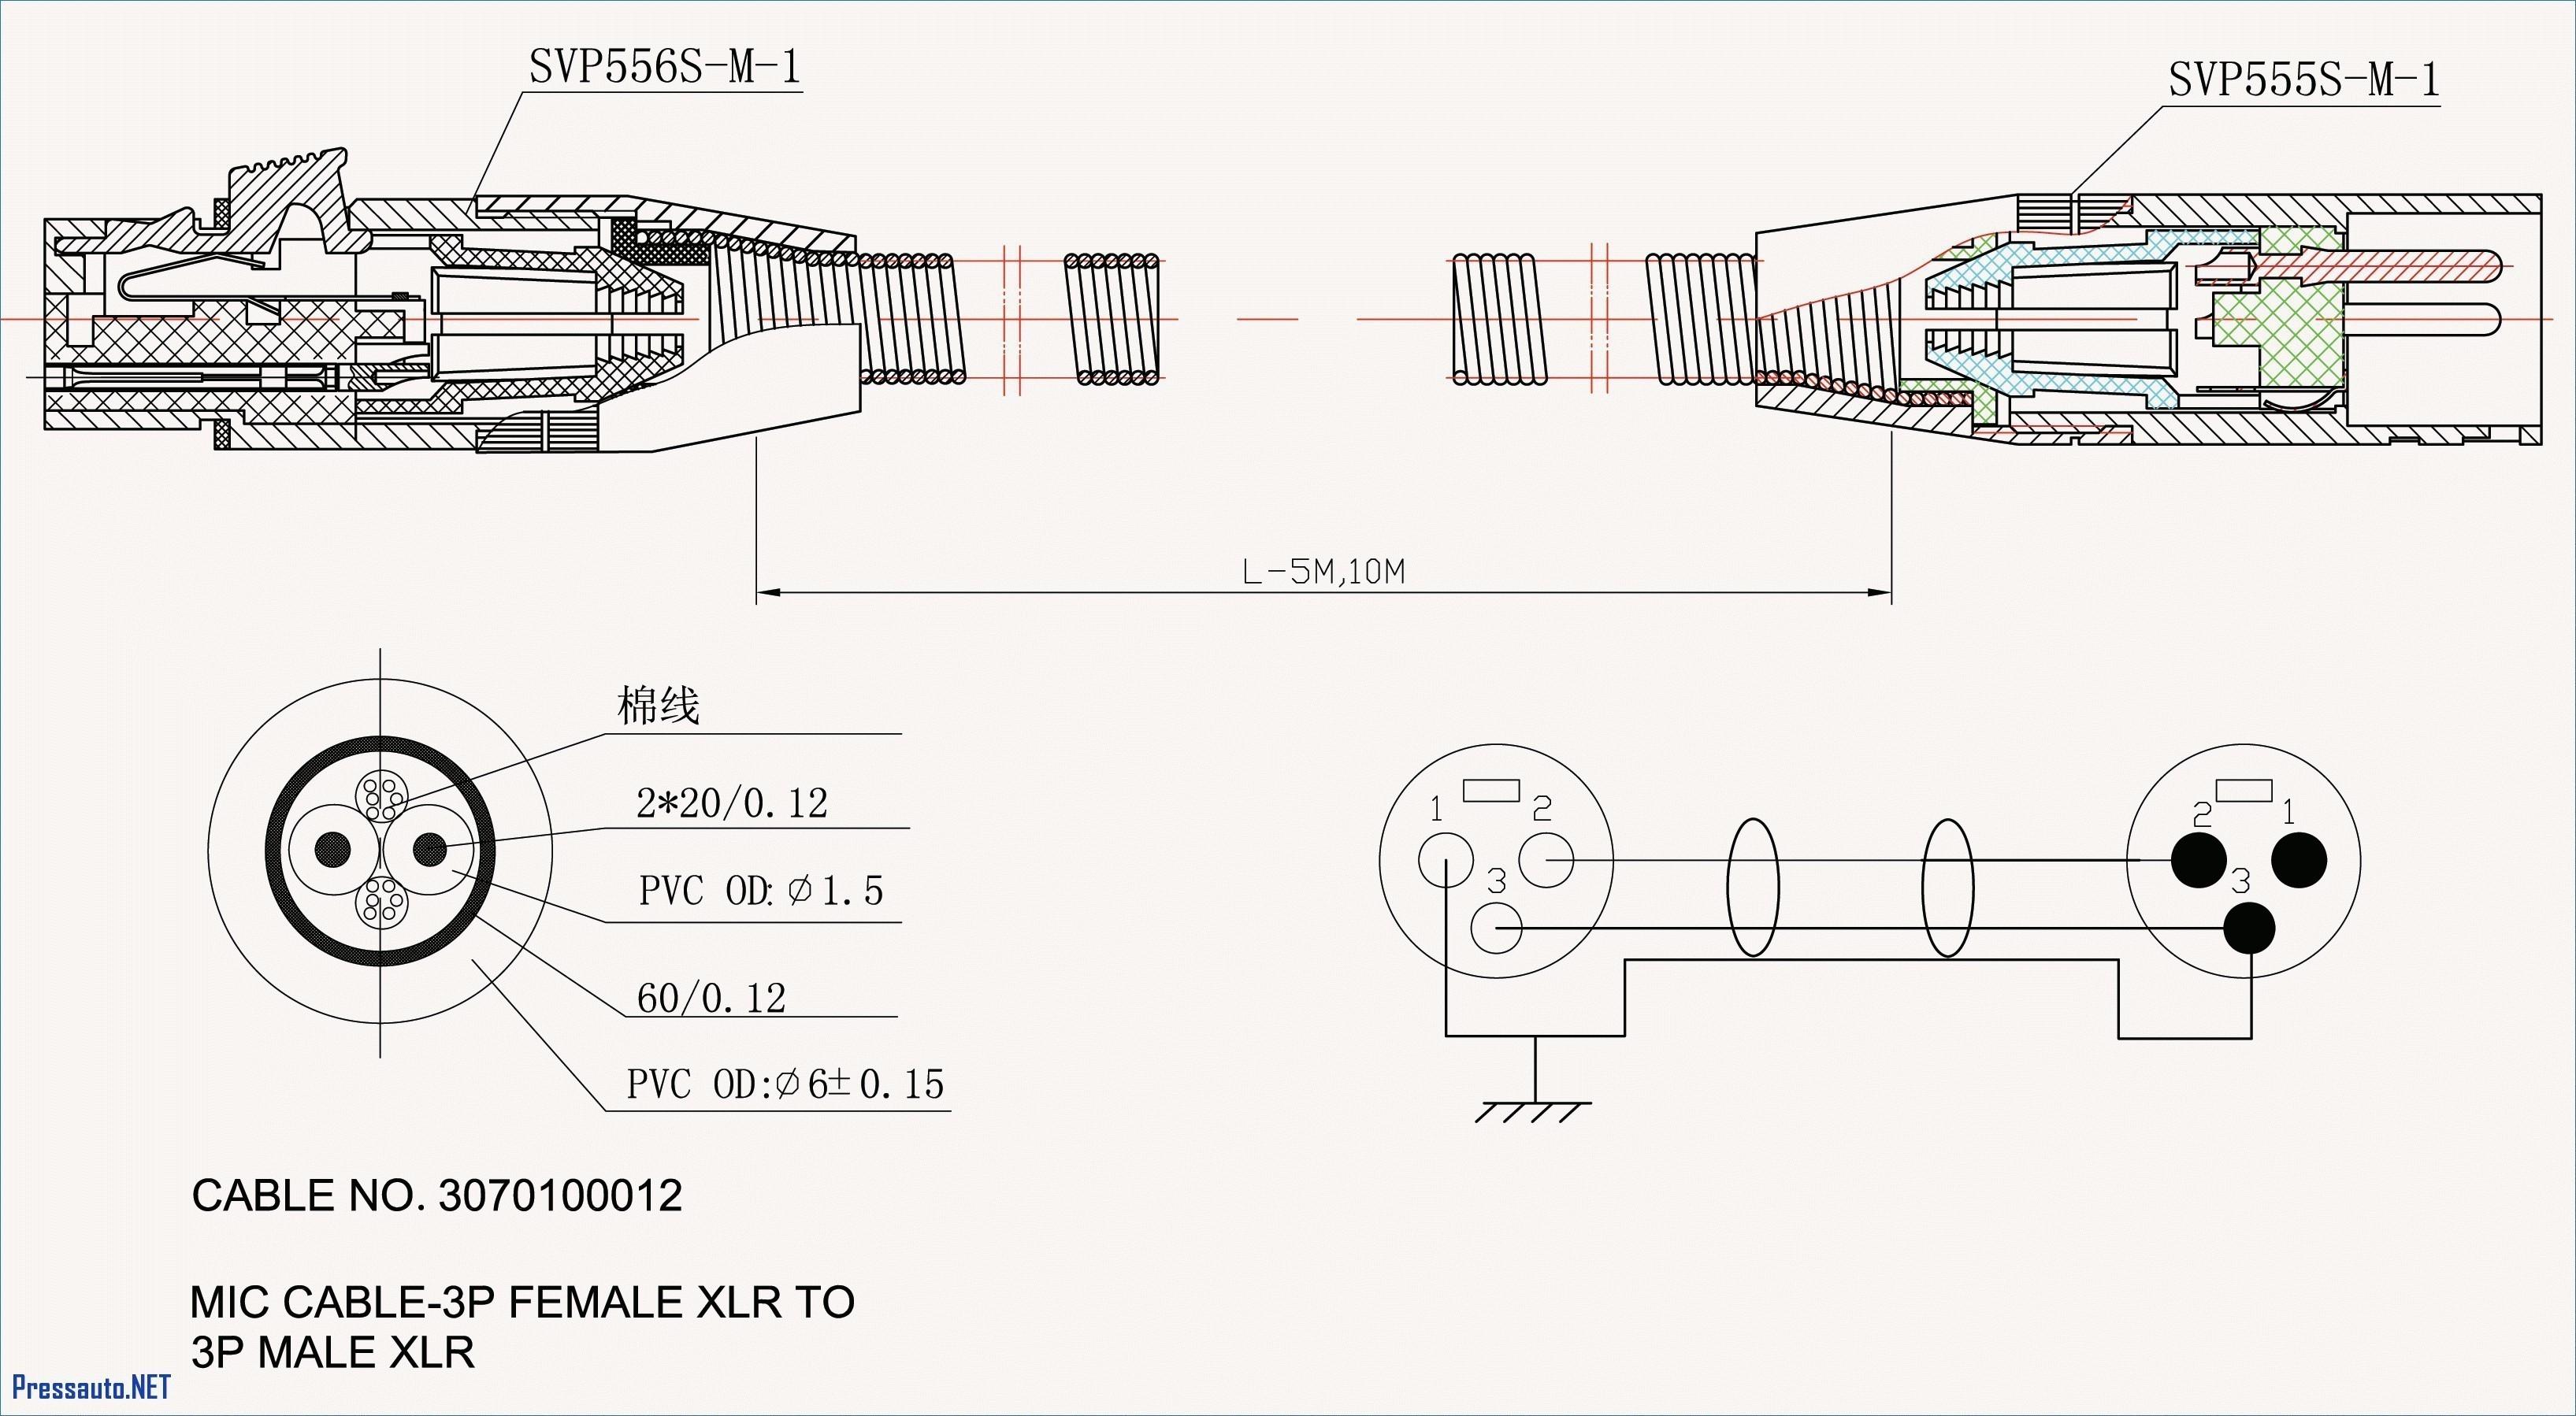 Remote Starter Wiring Diagram Bosch Starter Generator Wiring Diagram Experts Wiring Diagram • Of Remote Starter Wiring Diagram